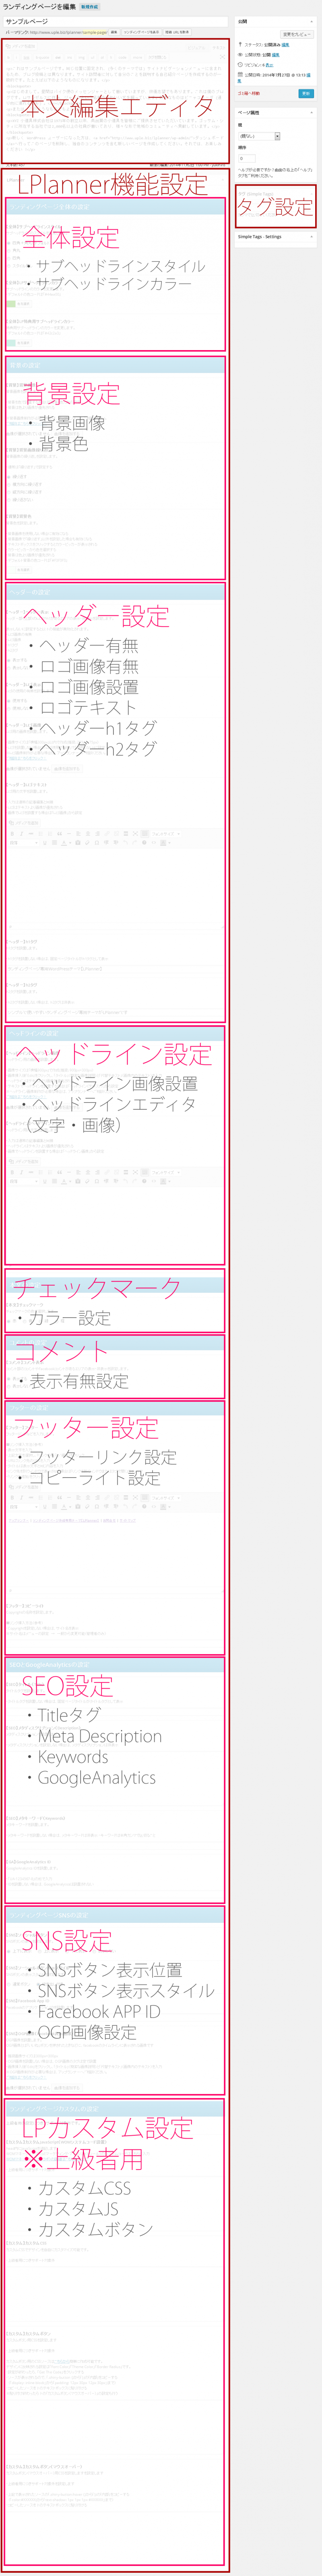 LPシステムLPlannerの管理画面